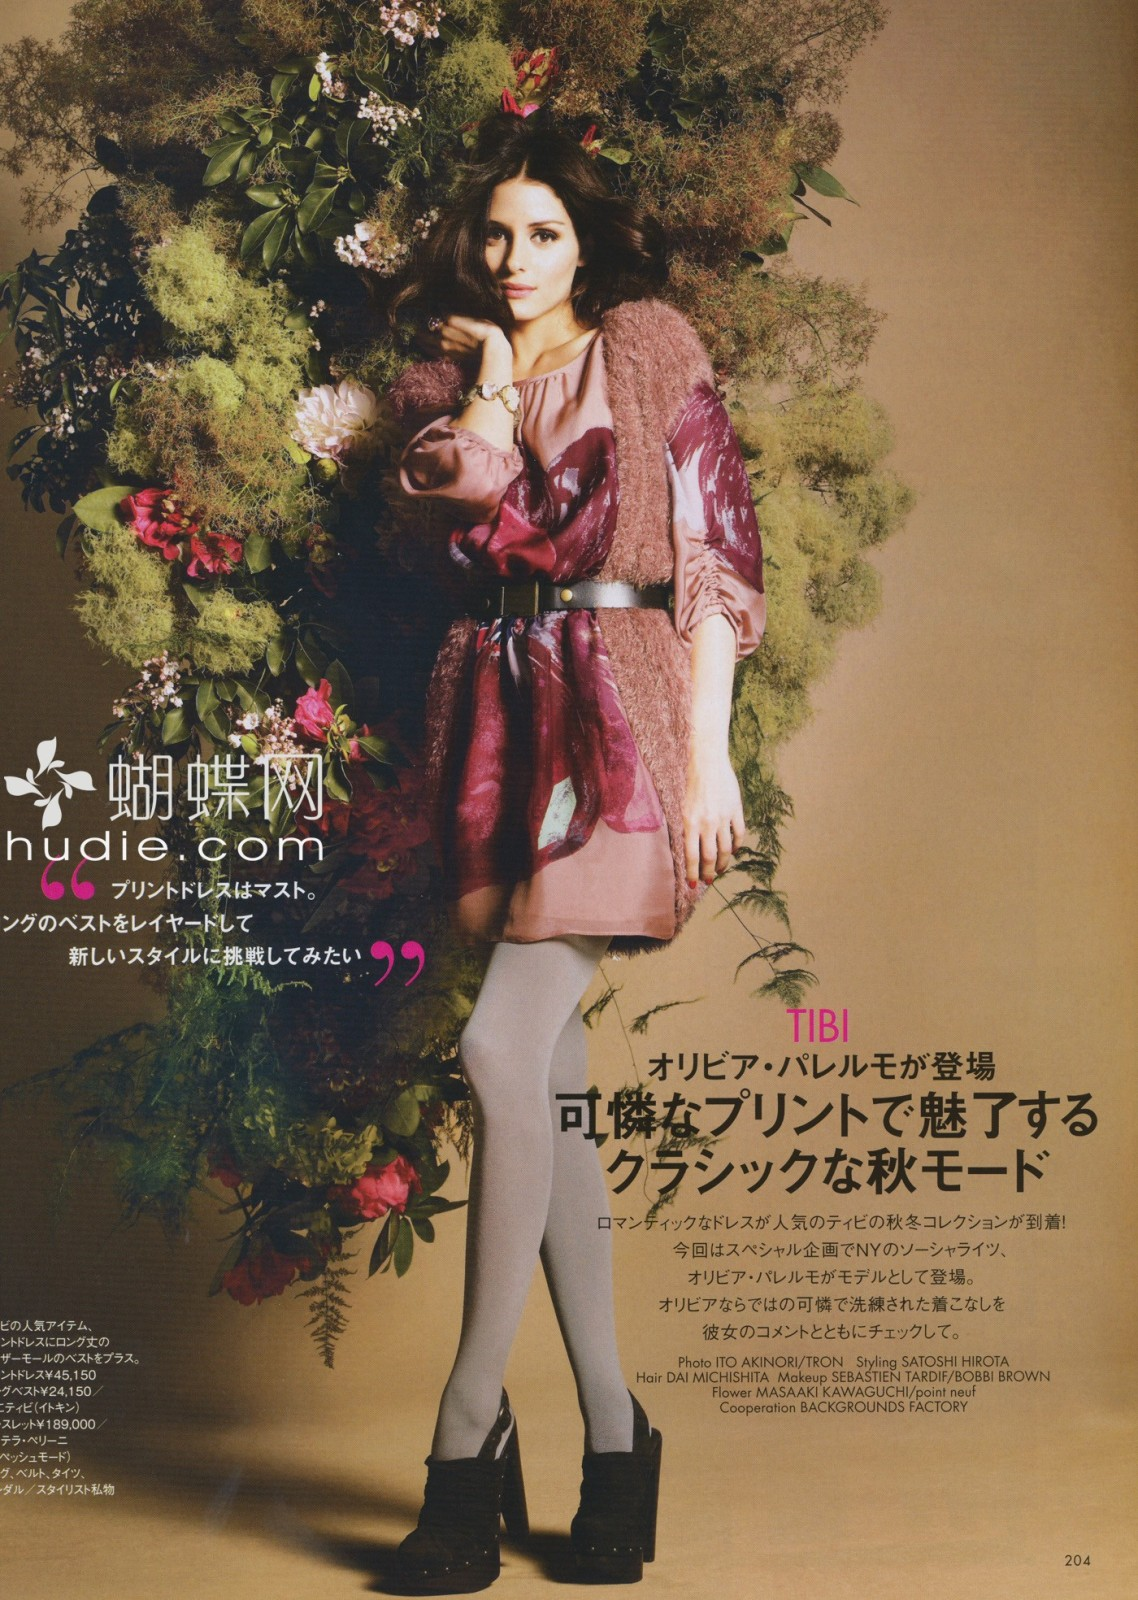 http://2.bp.blogspot.com/_GgQtqLiRv-8/TKHKH1TrbaI/AAAAAAAAxfc/oFPUR0uAFto/s1600/Olivia-Elle-Japan-1.jpg